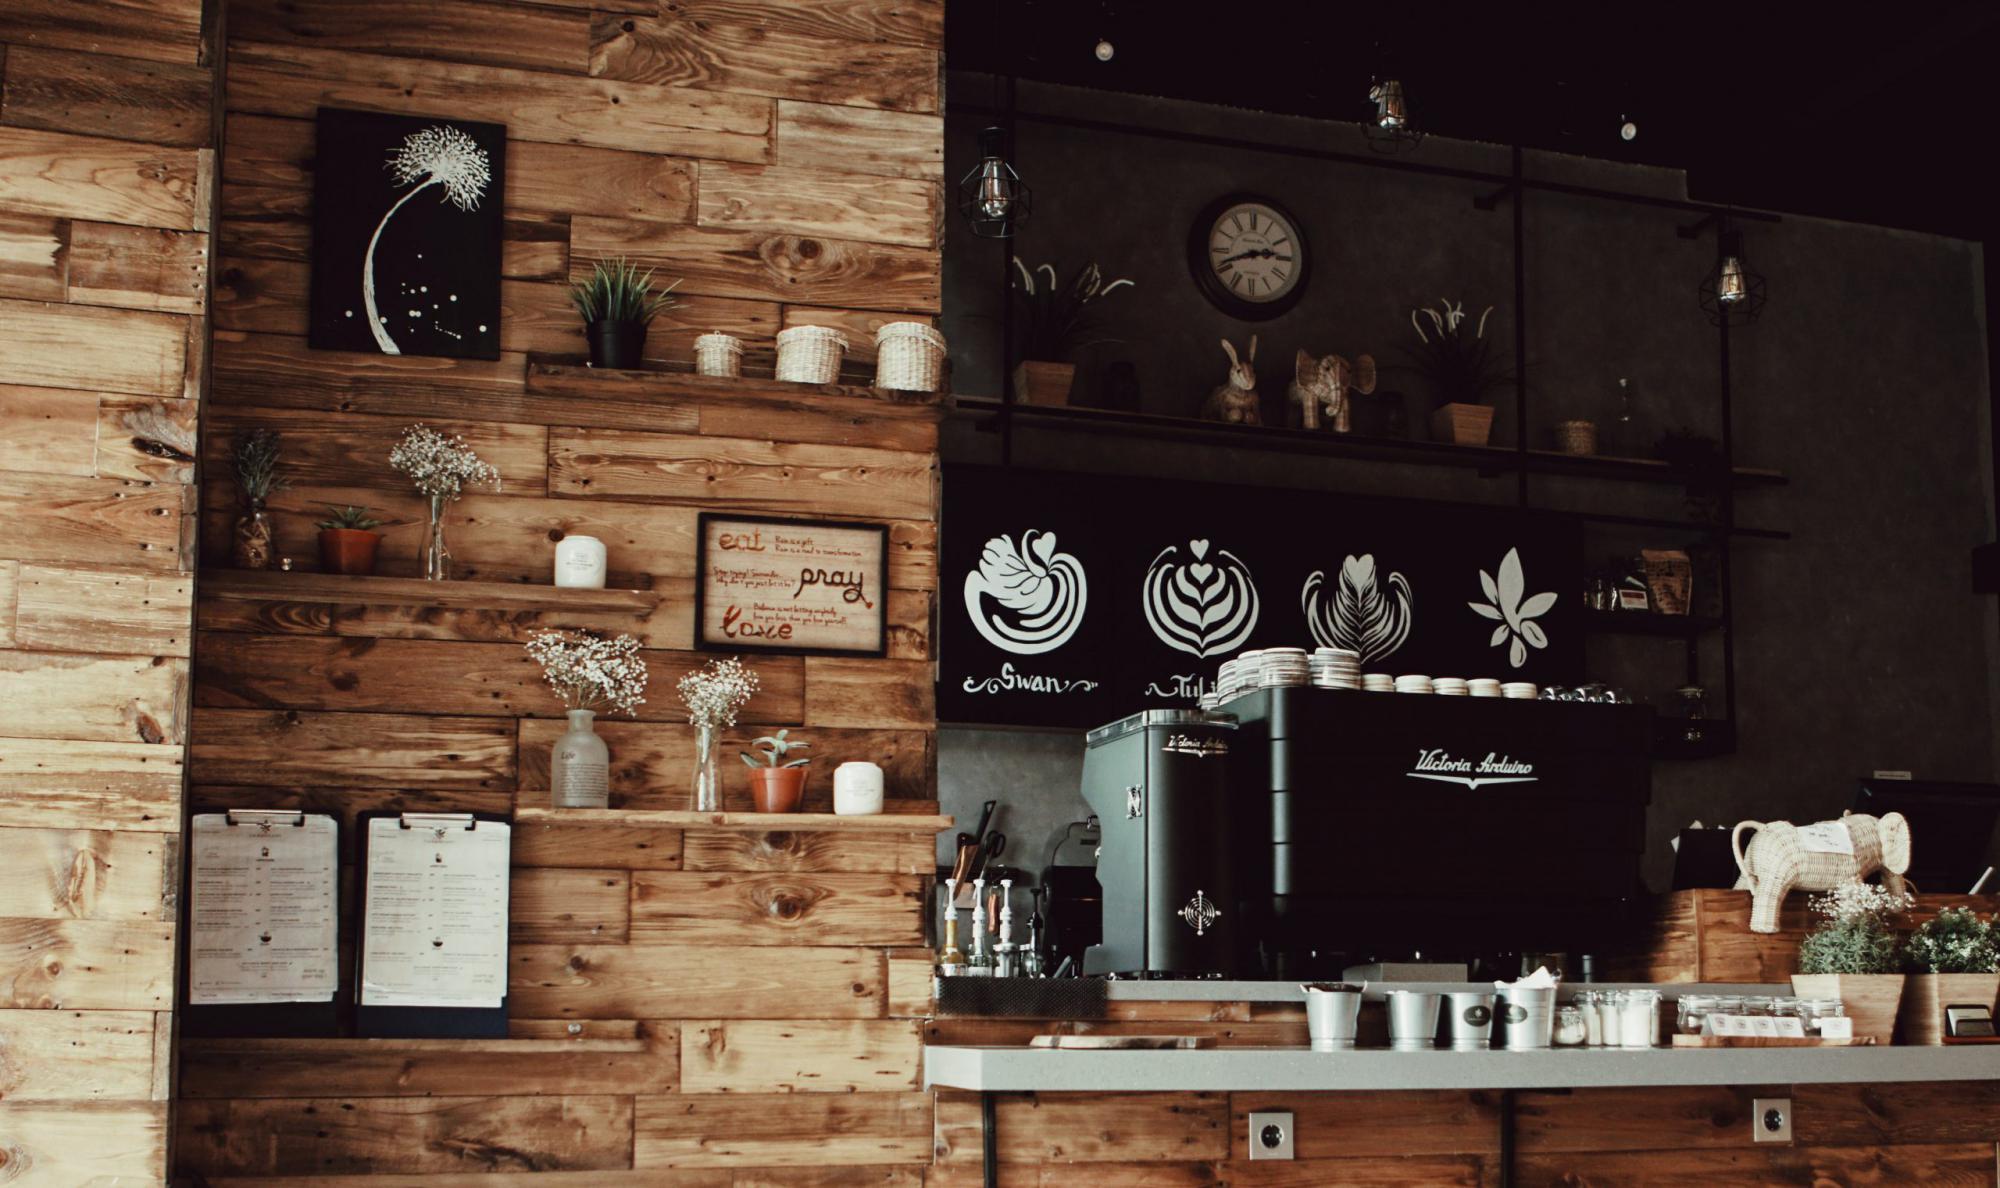 シックな雰囲気のカフェ